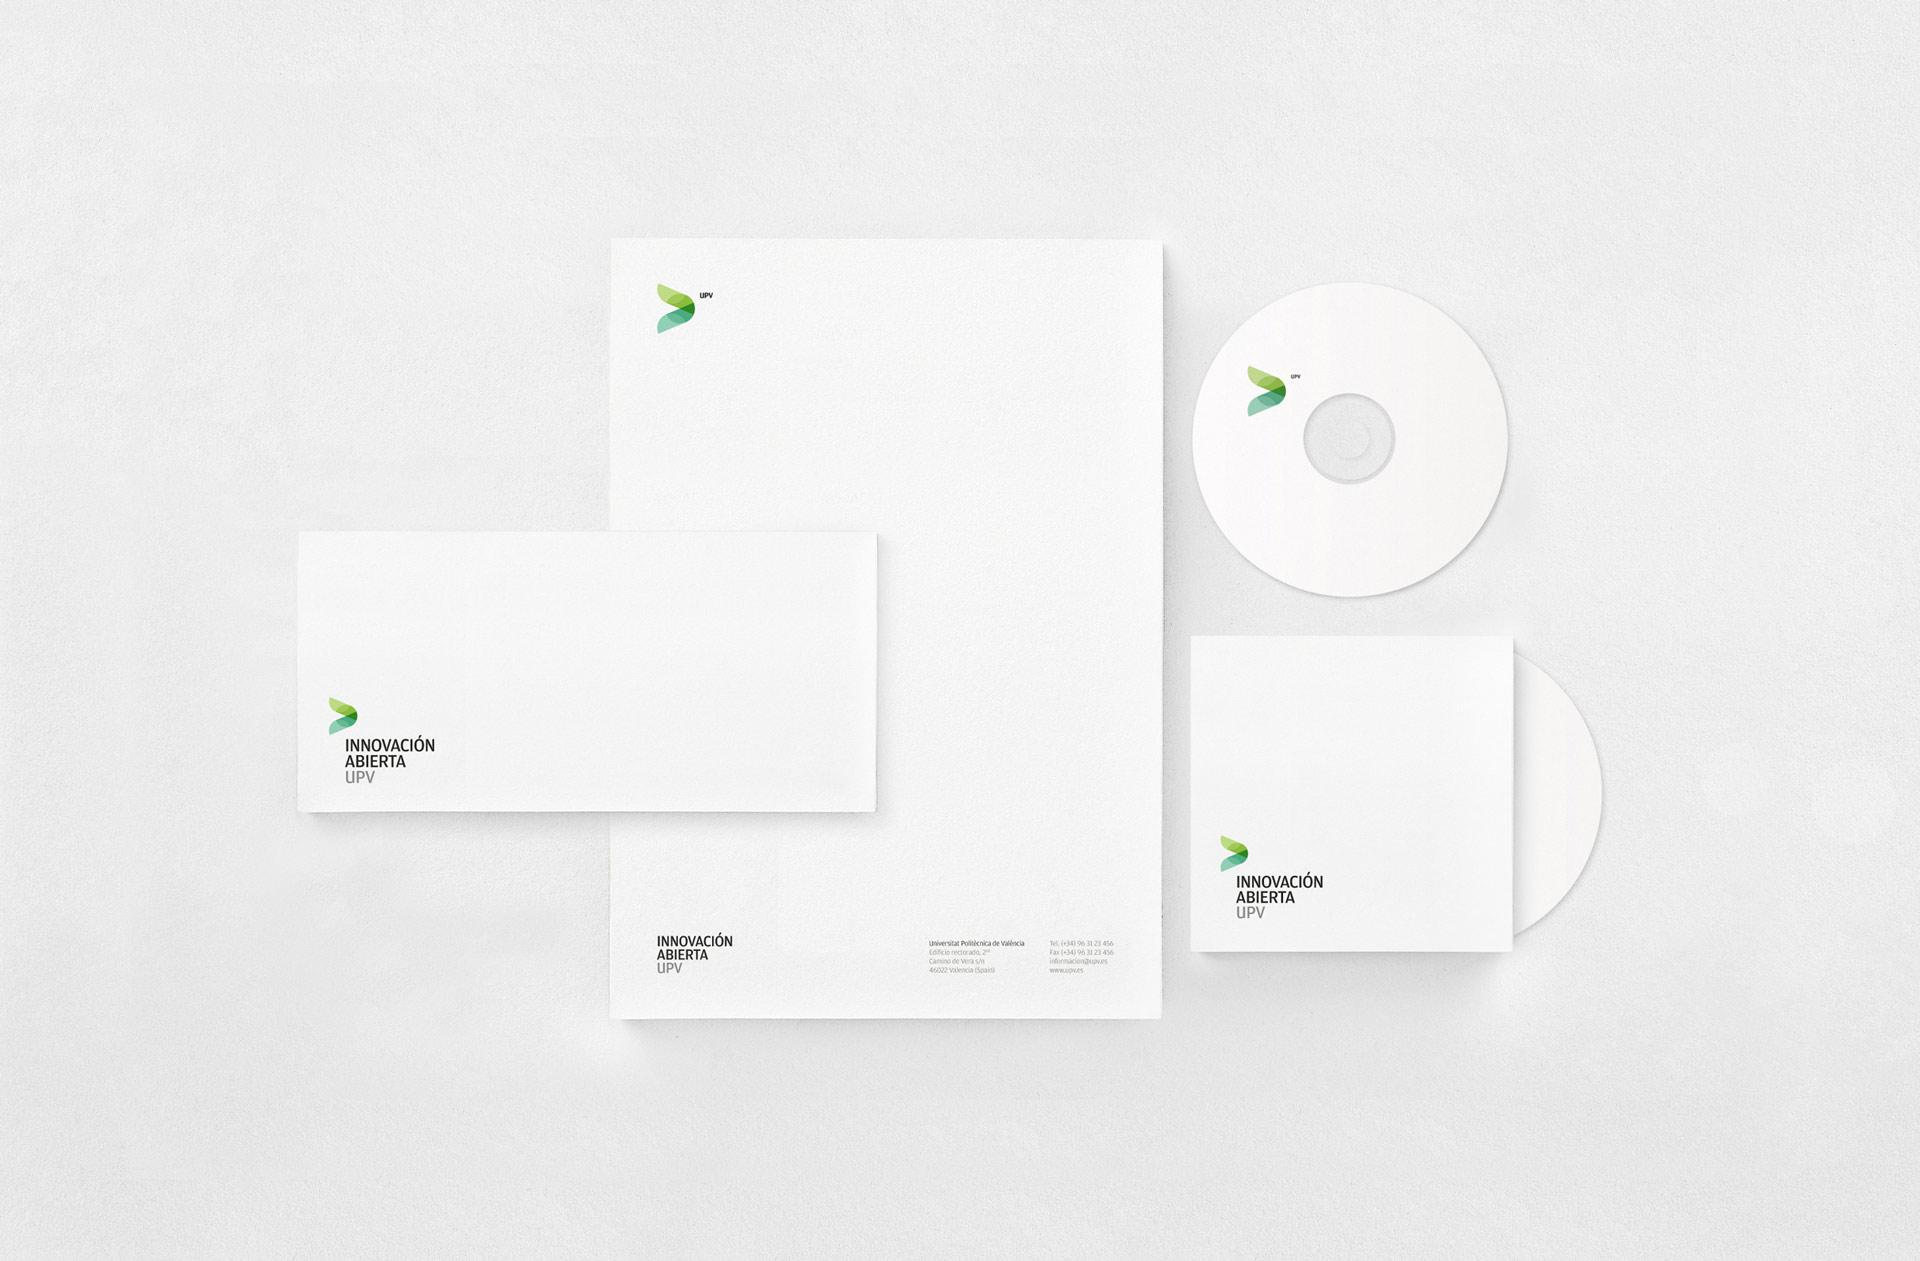 Fase, estudio de diseño gráfico. Identidad corporativa de Innovación Abierta, Universitat Politècnica de València. Papelería